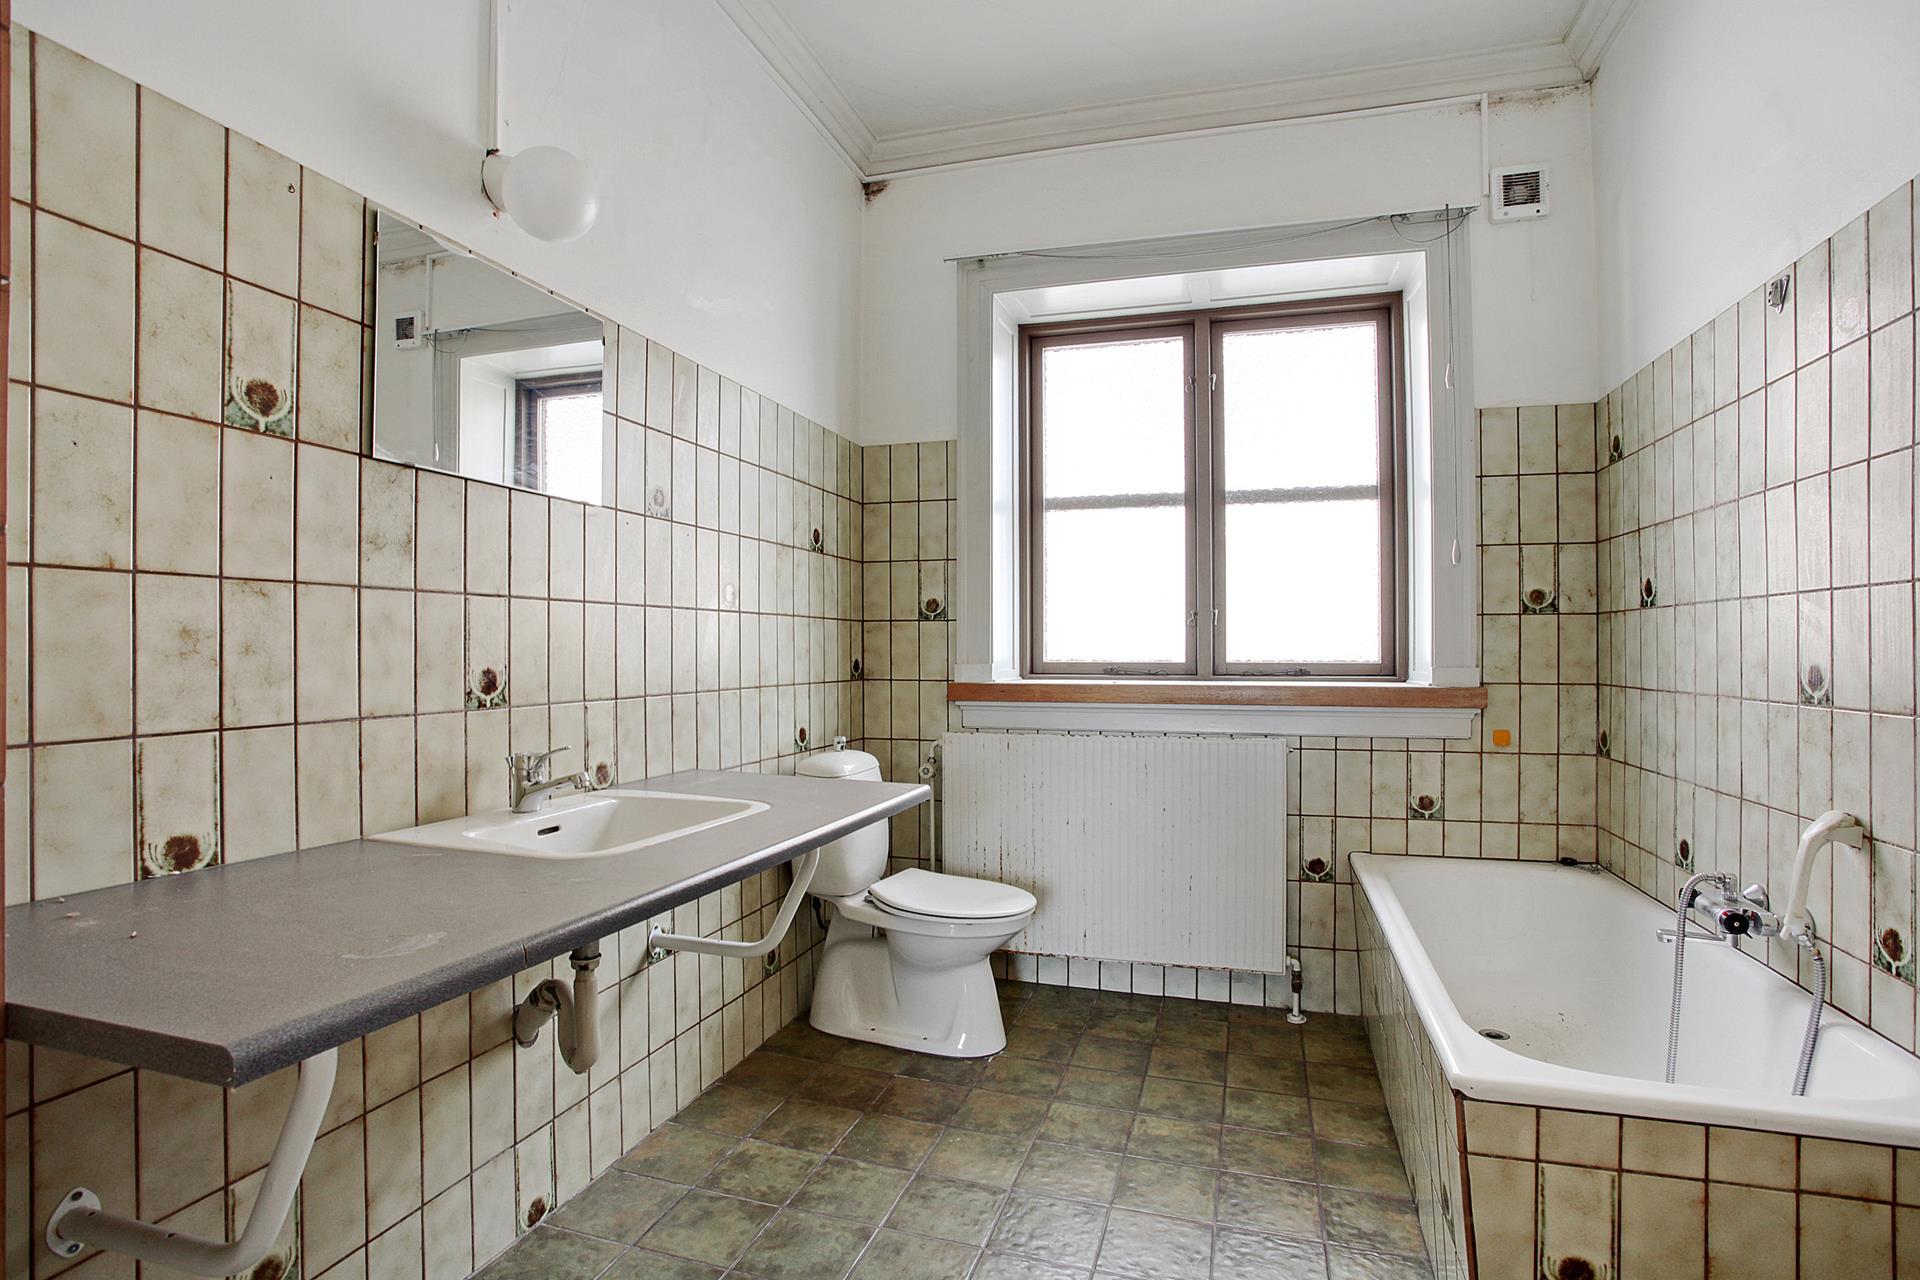 Bolig/erhverv på Jernbanegade i Brædstrup - Badeværelse